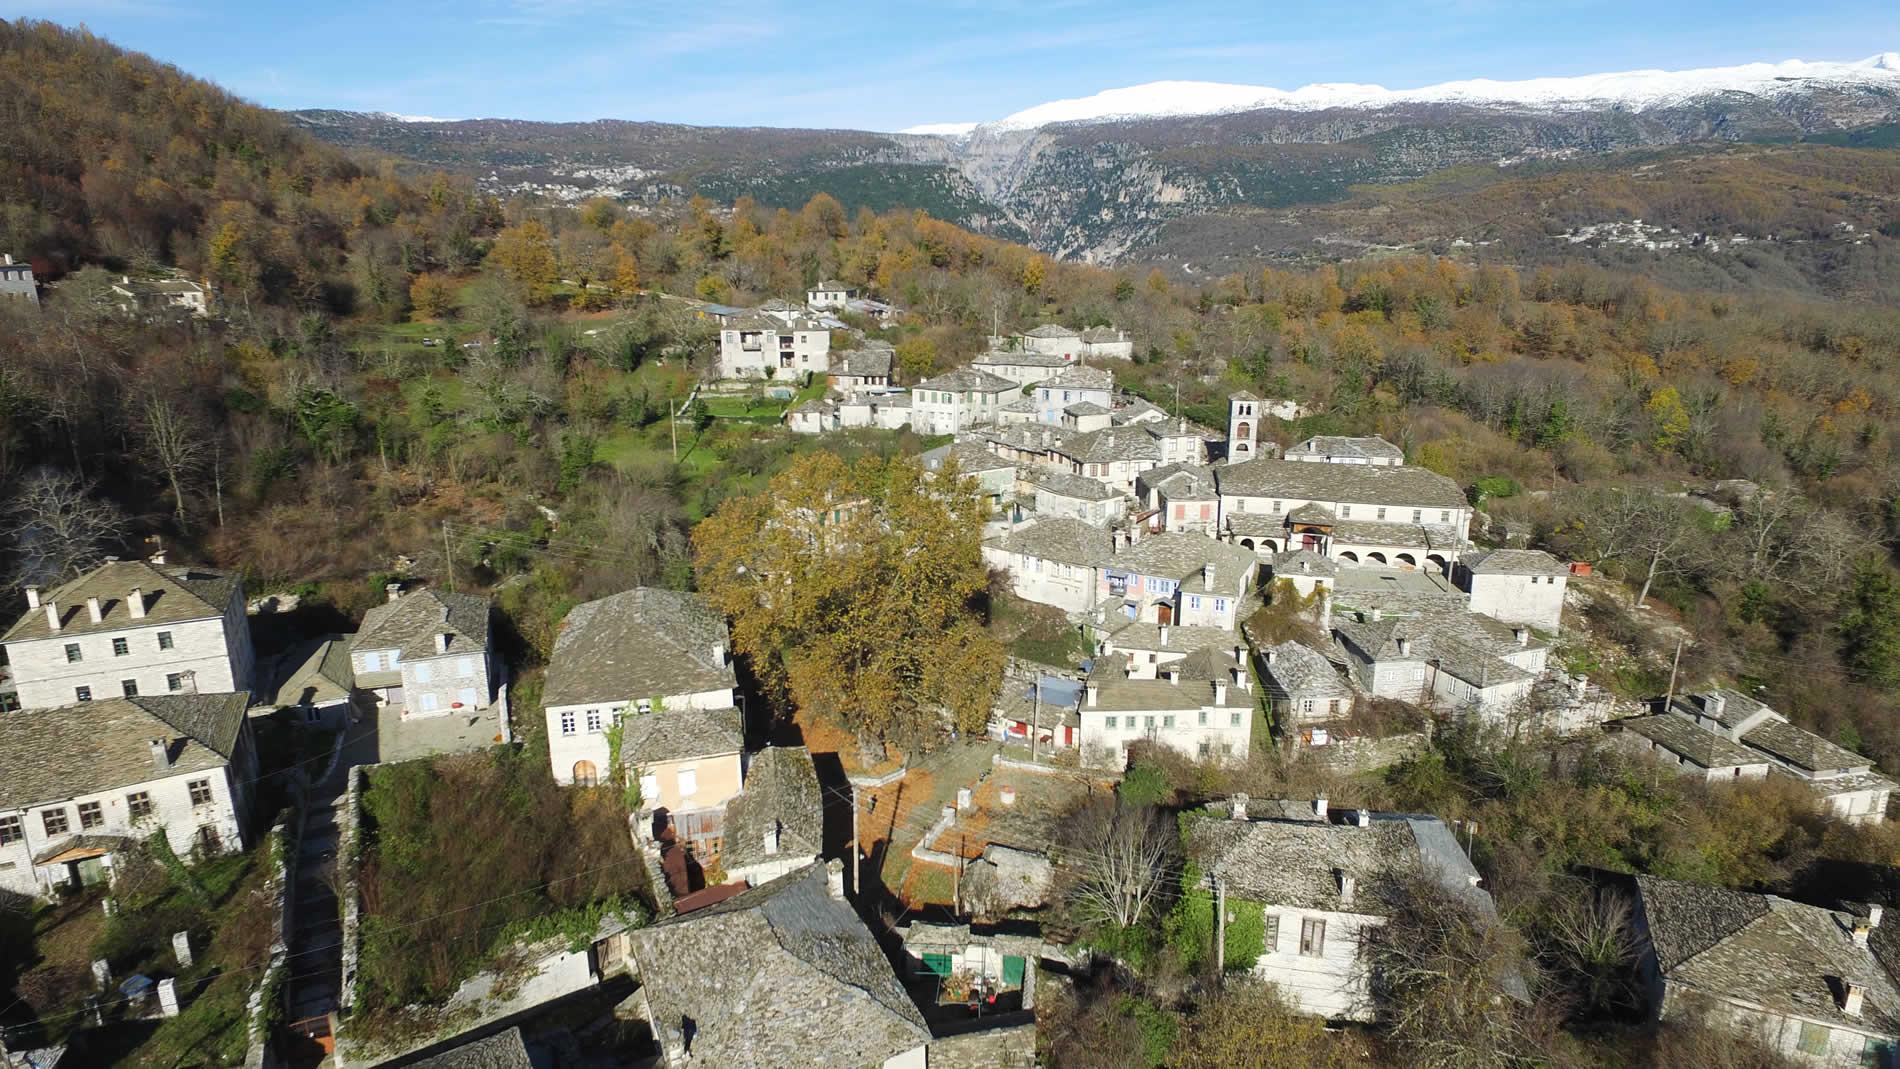 Drone photo of Dilofo village in Zagori